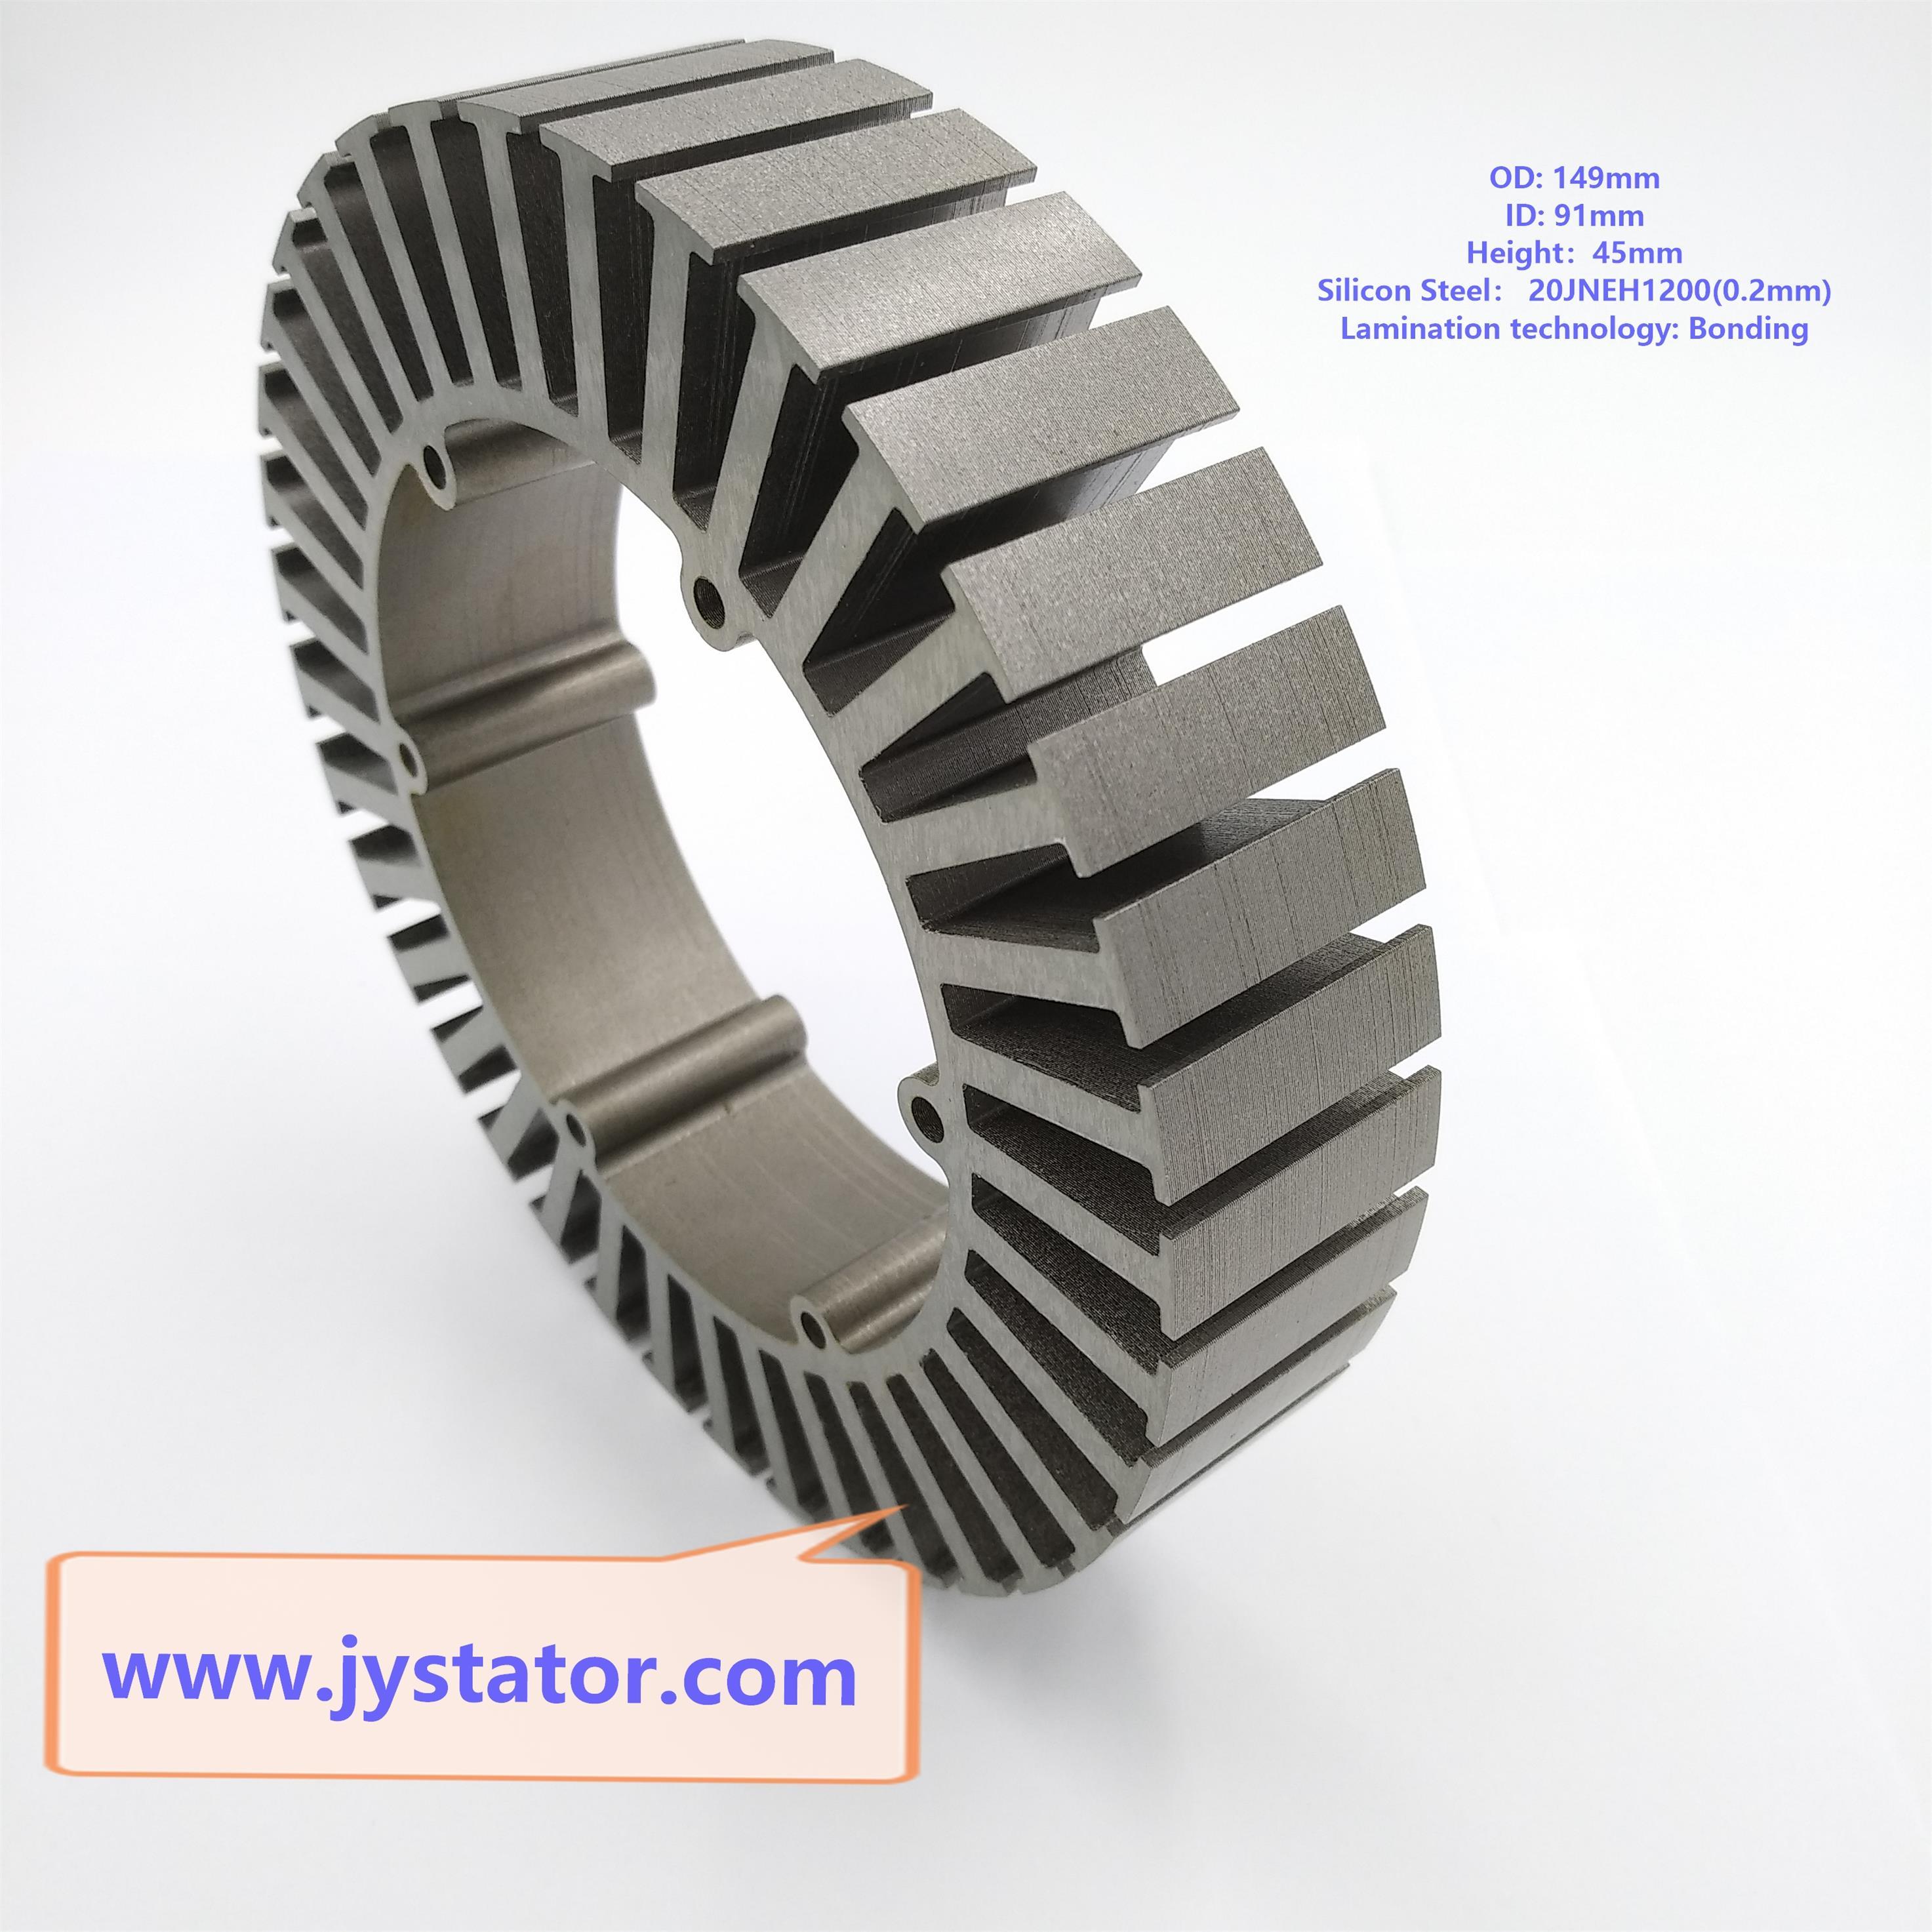 Motor stator bonding lamination for electric vehicle wheel hub motor